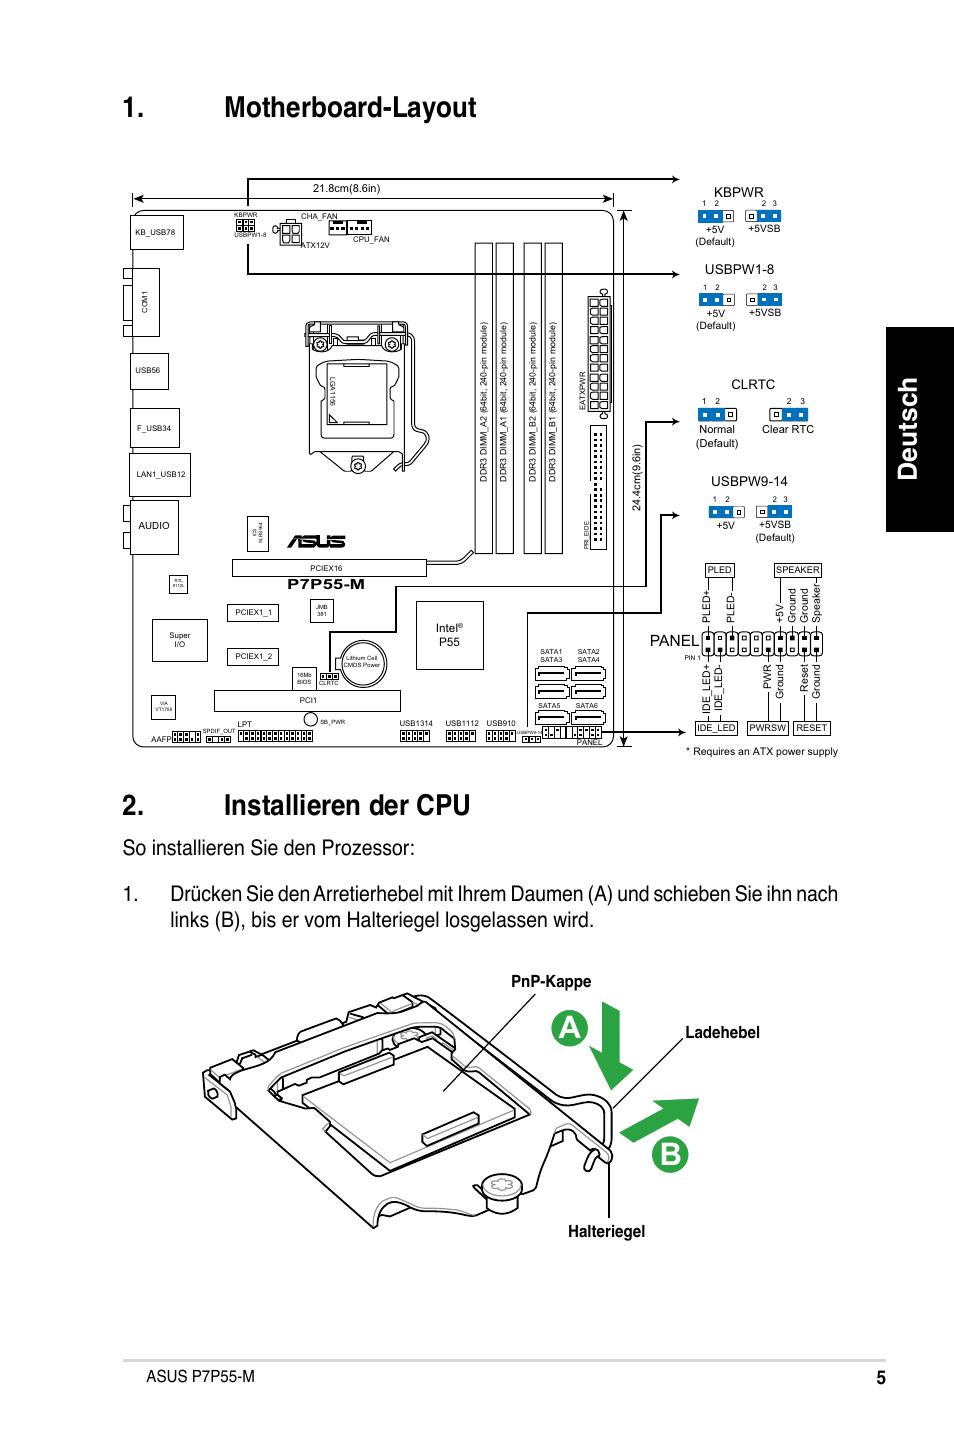 Motherboard-layout u00 . installieren der cpu, Deutsch